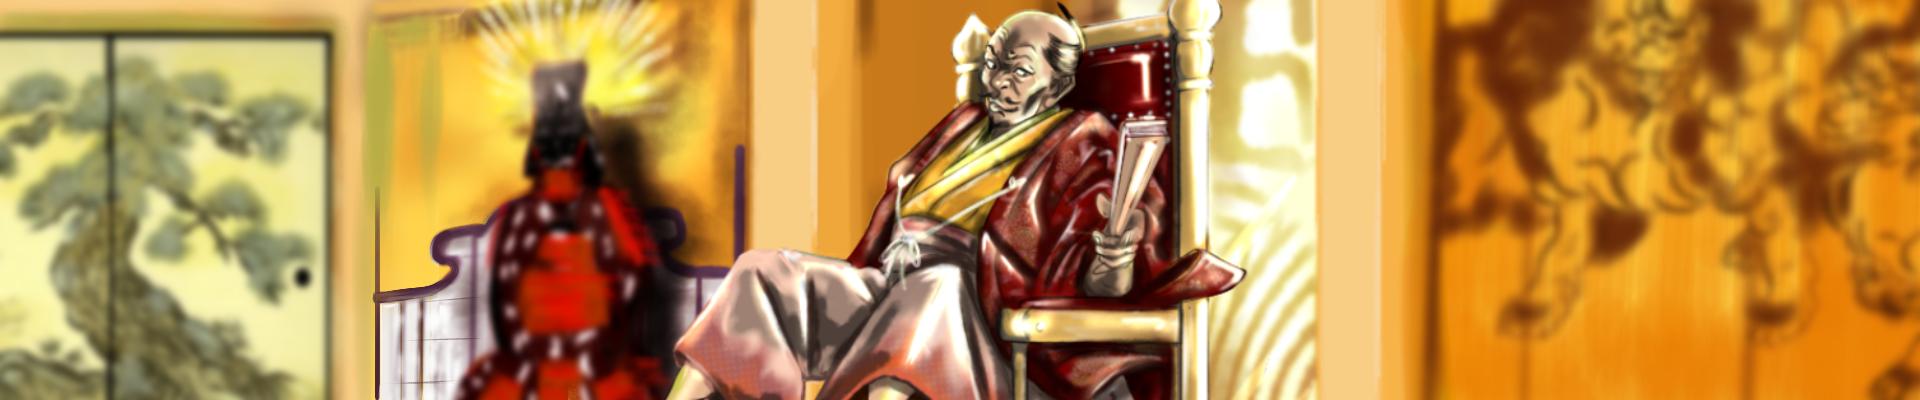 豊臣秀吉のメインビジュアル